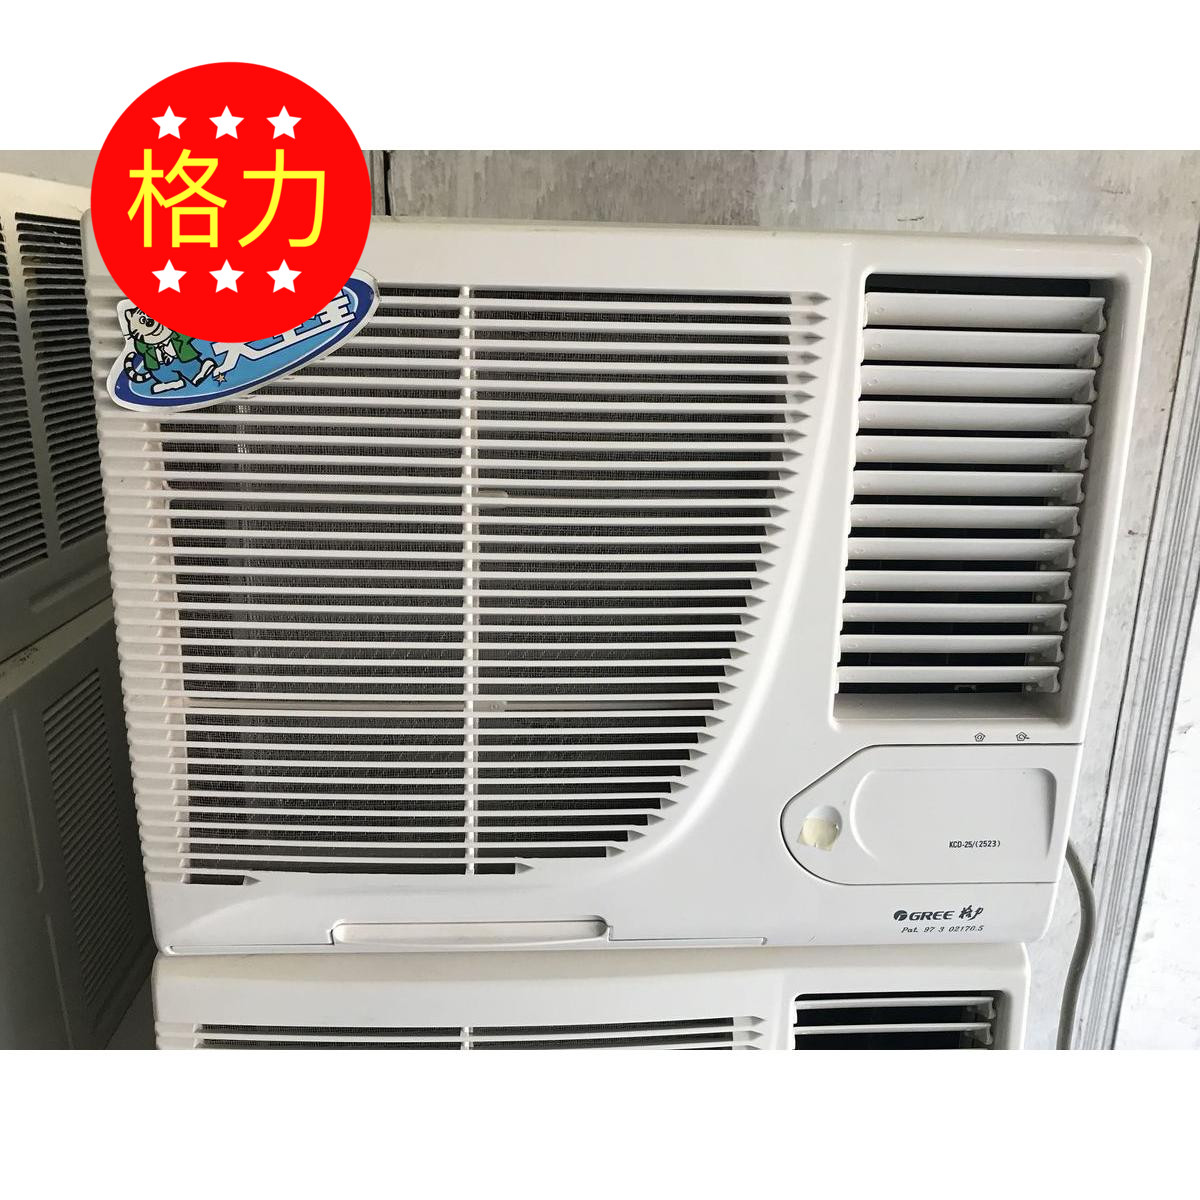 Gree эстетический небольшой кондиционер окно одноместный холодный машина не- благополучие охлаждение устройство без установки превышать охлаждение не- плюс лед вода